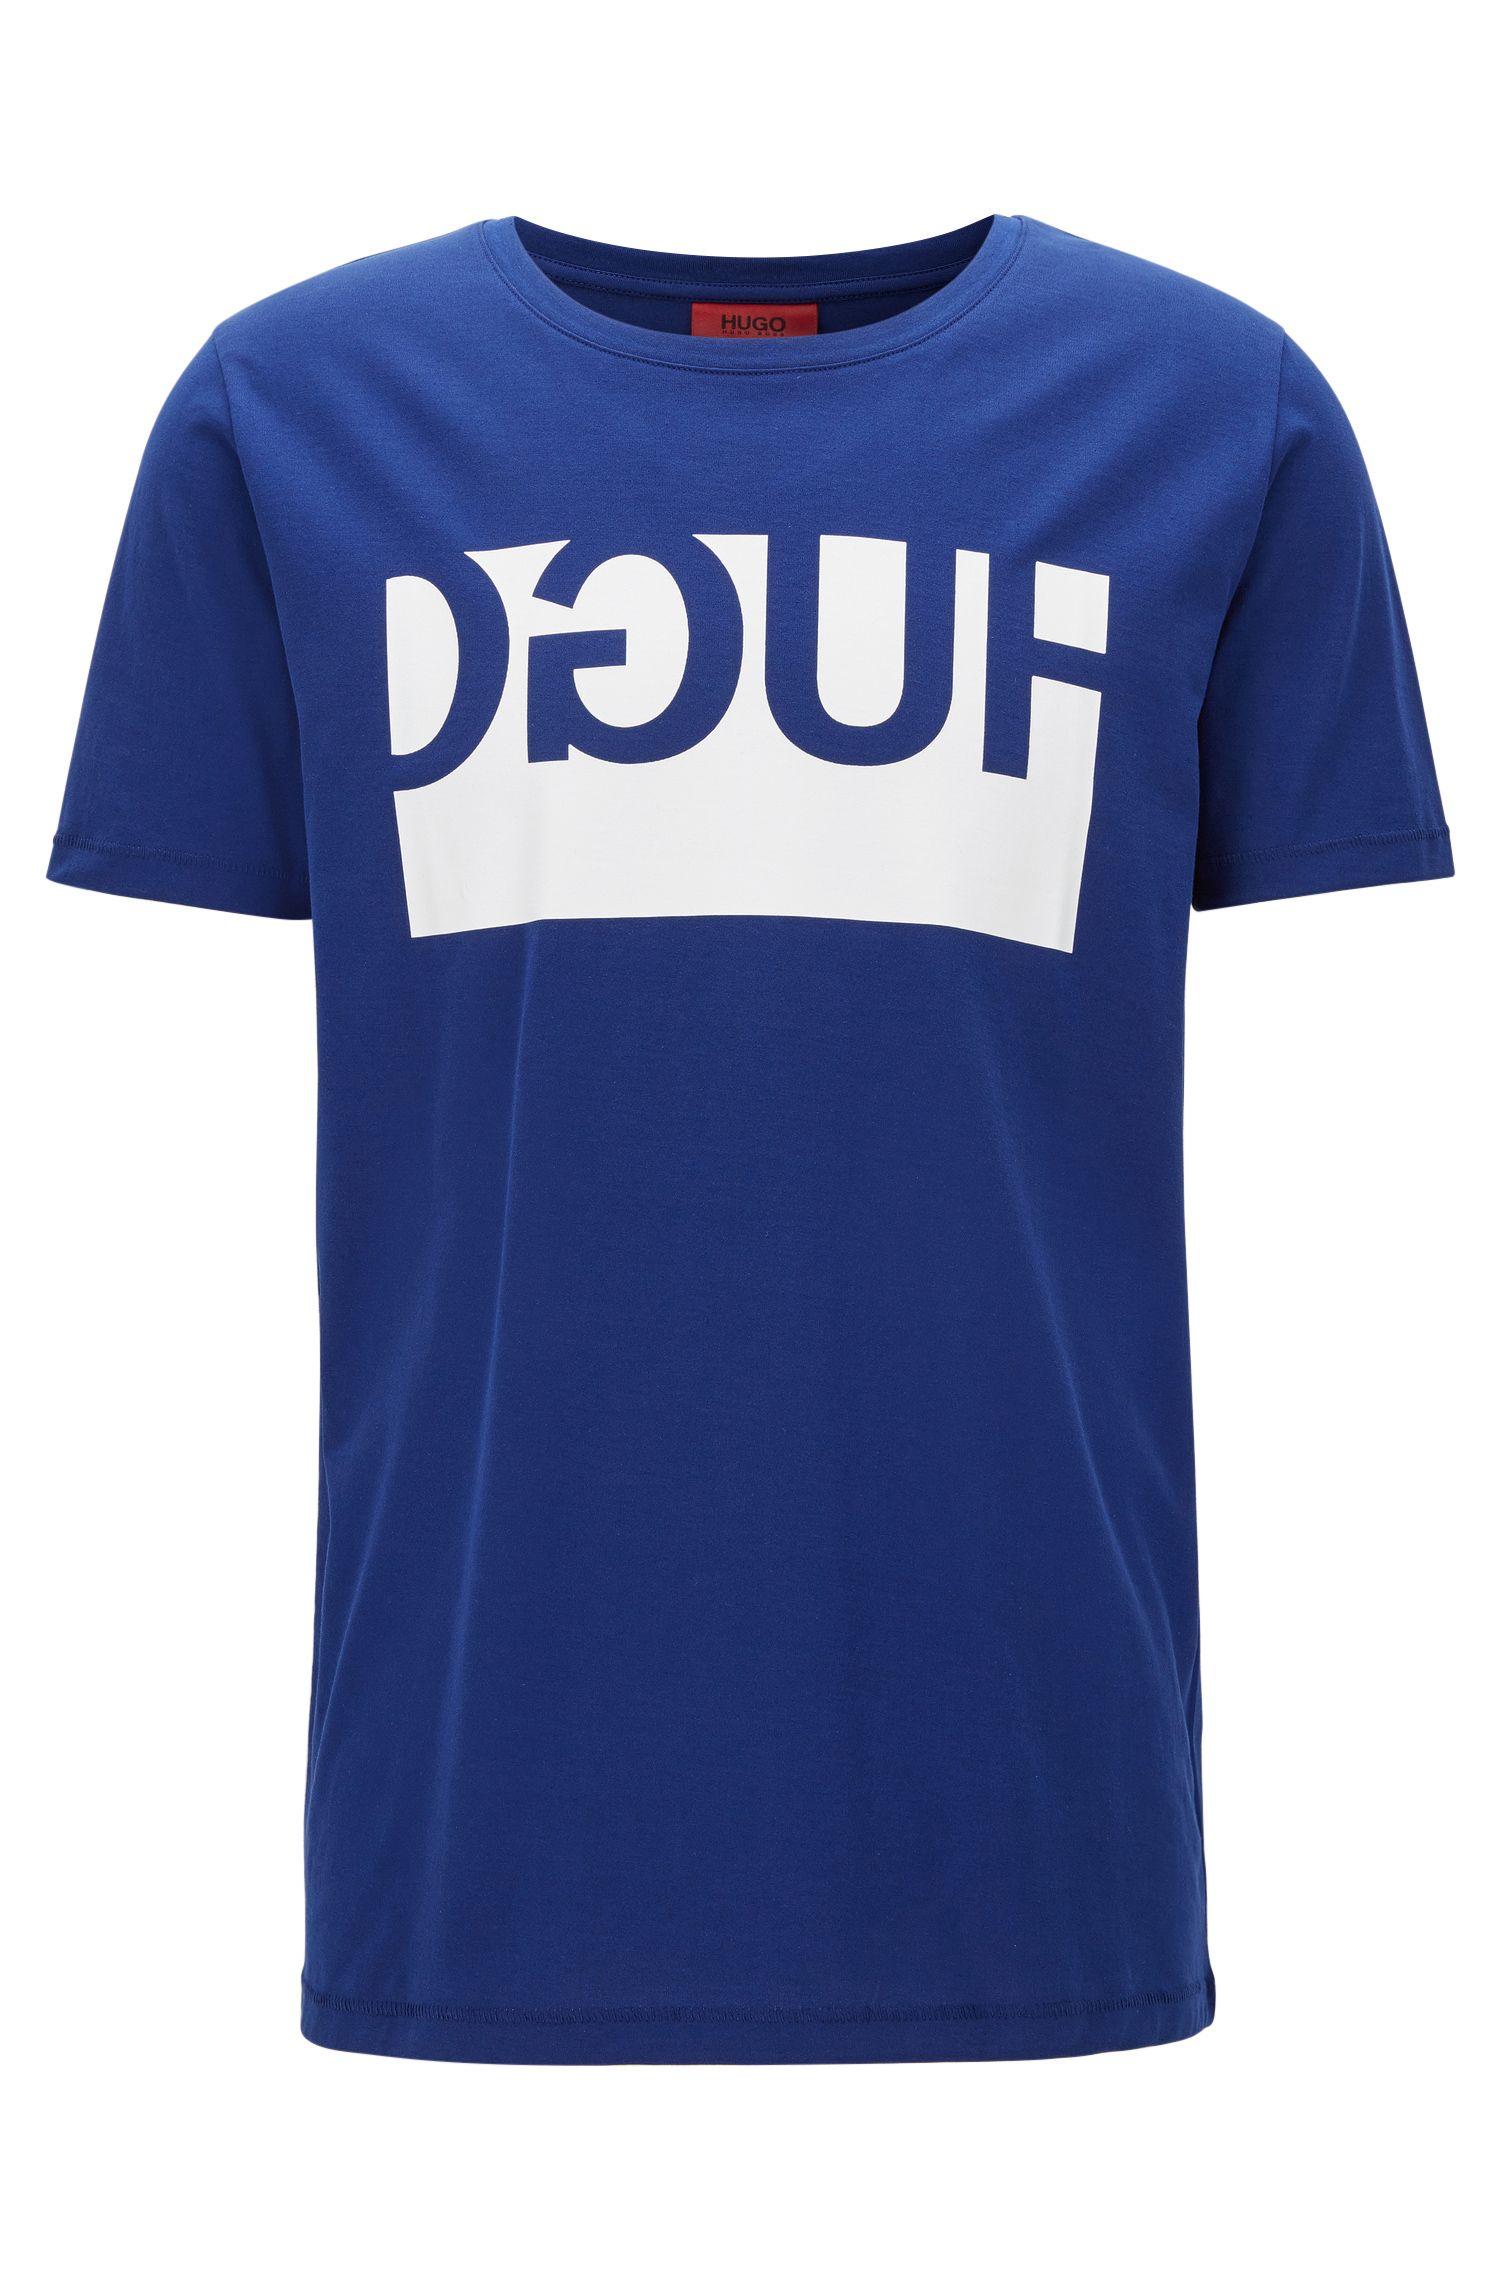 T-shirt regular fit in cotone con stampa del logo a rovescio